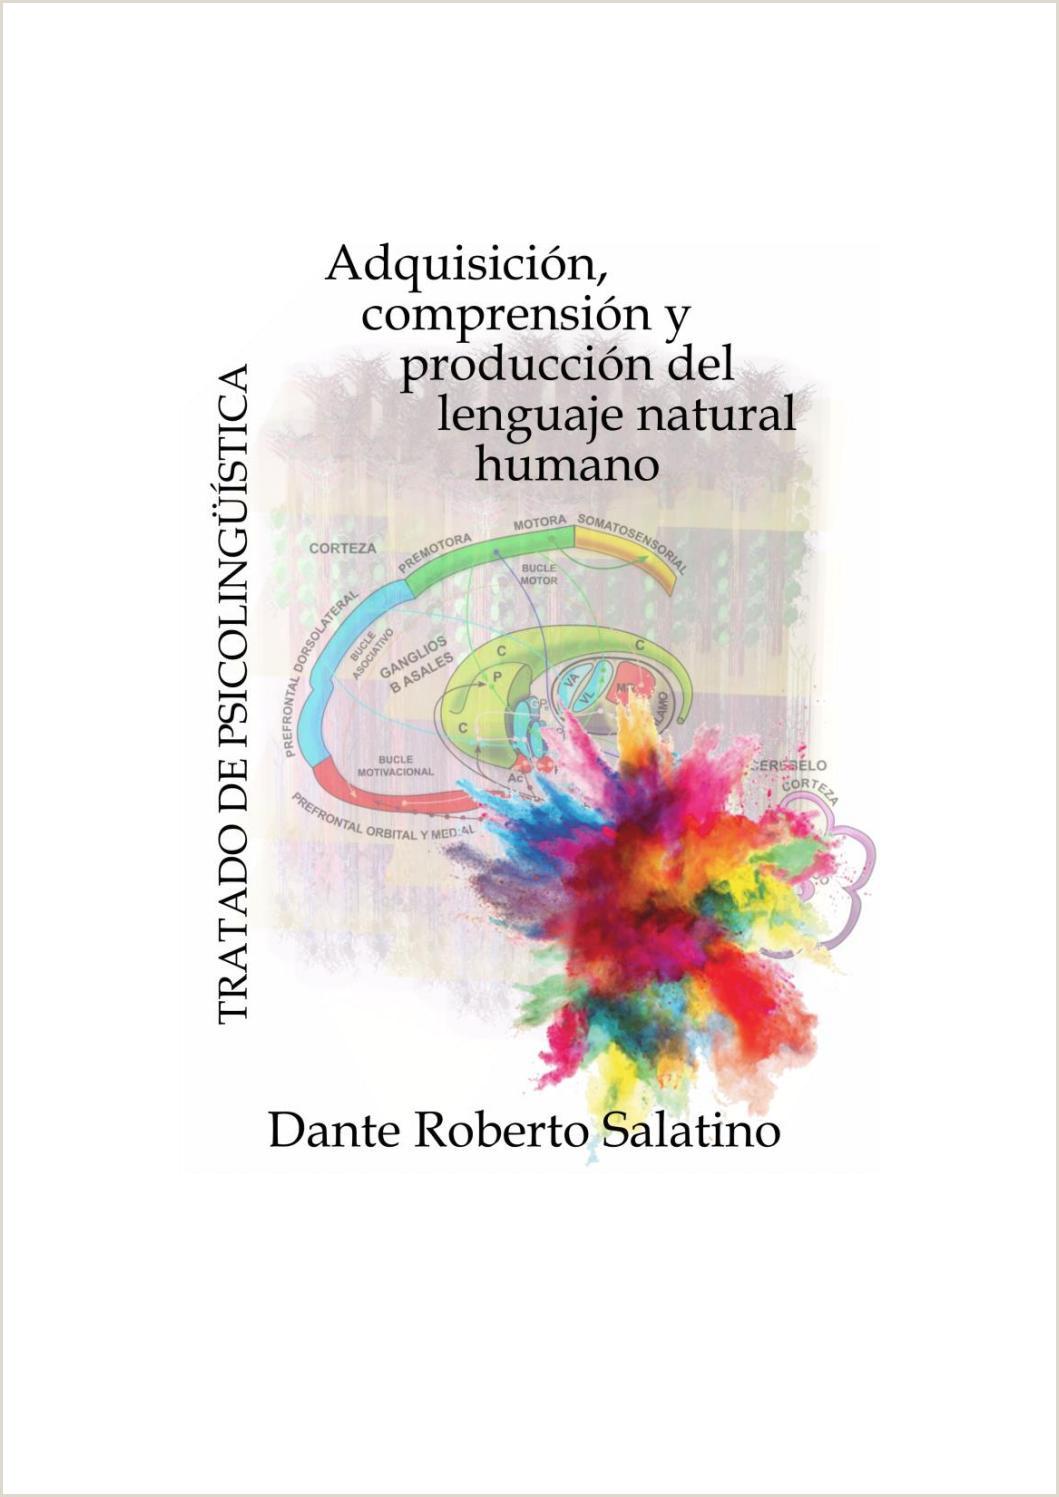 Descargar Hoja De Vida formato Unico En Blanco Tratado De Psicolingüstica by Dante Salatino issuu